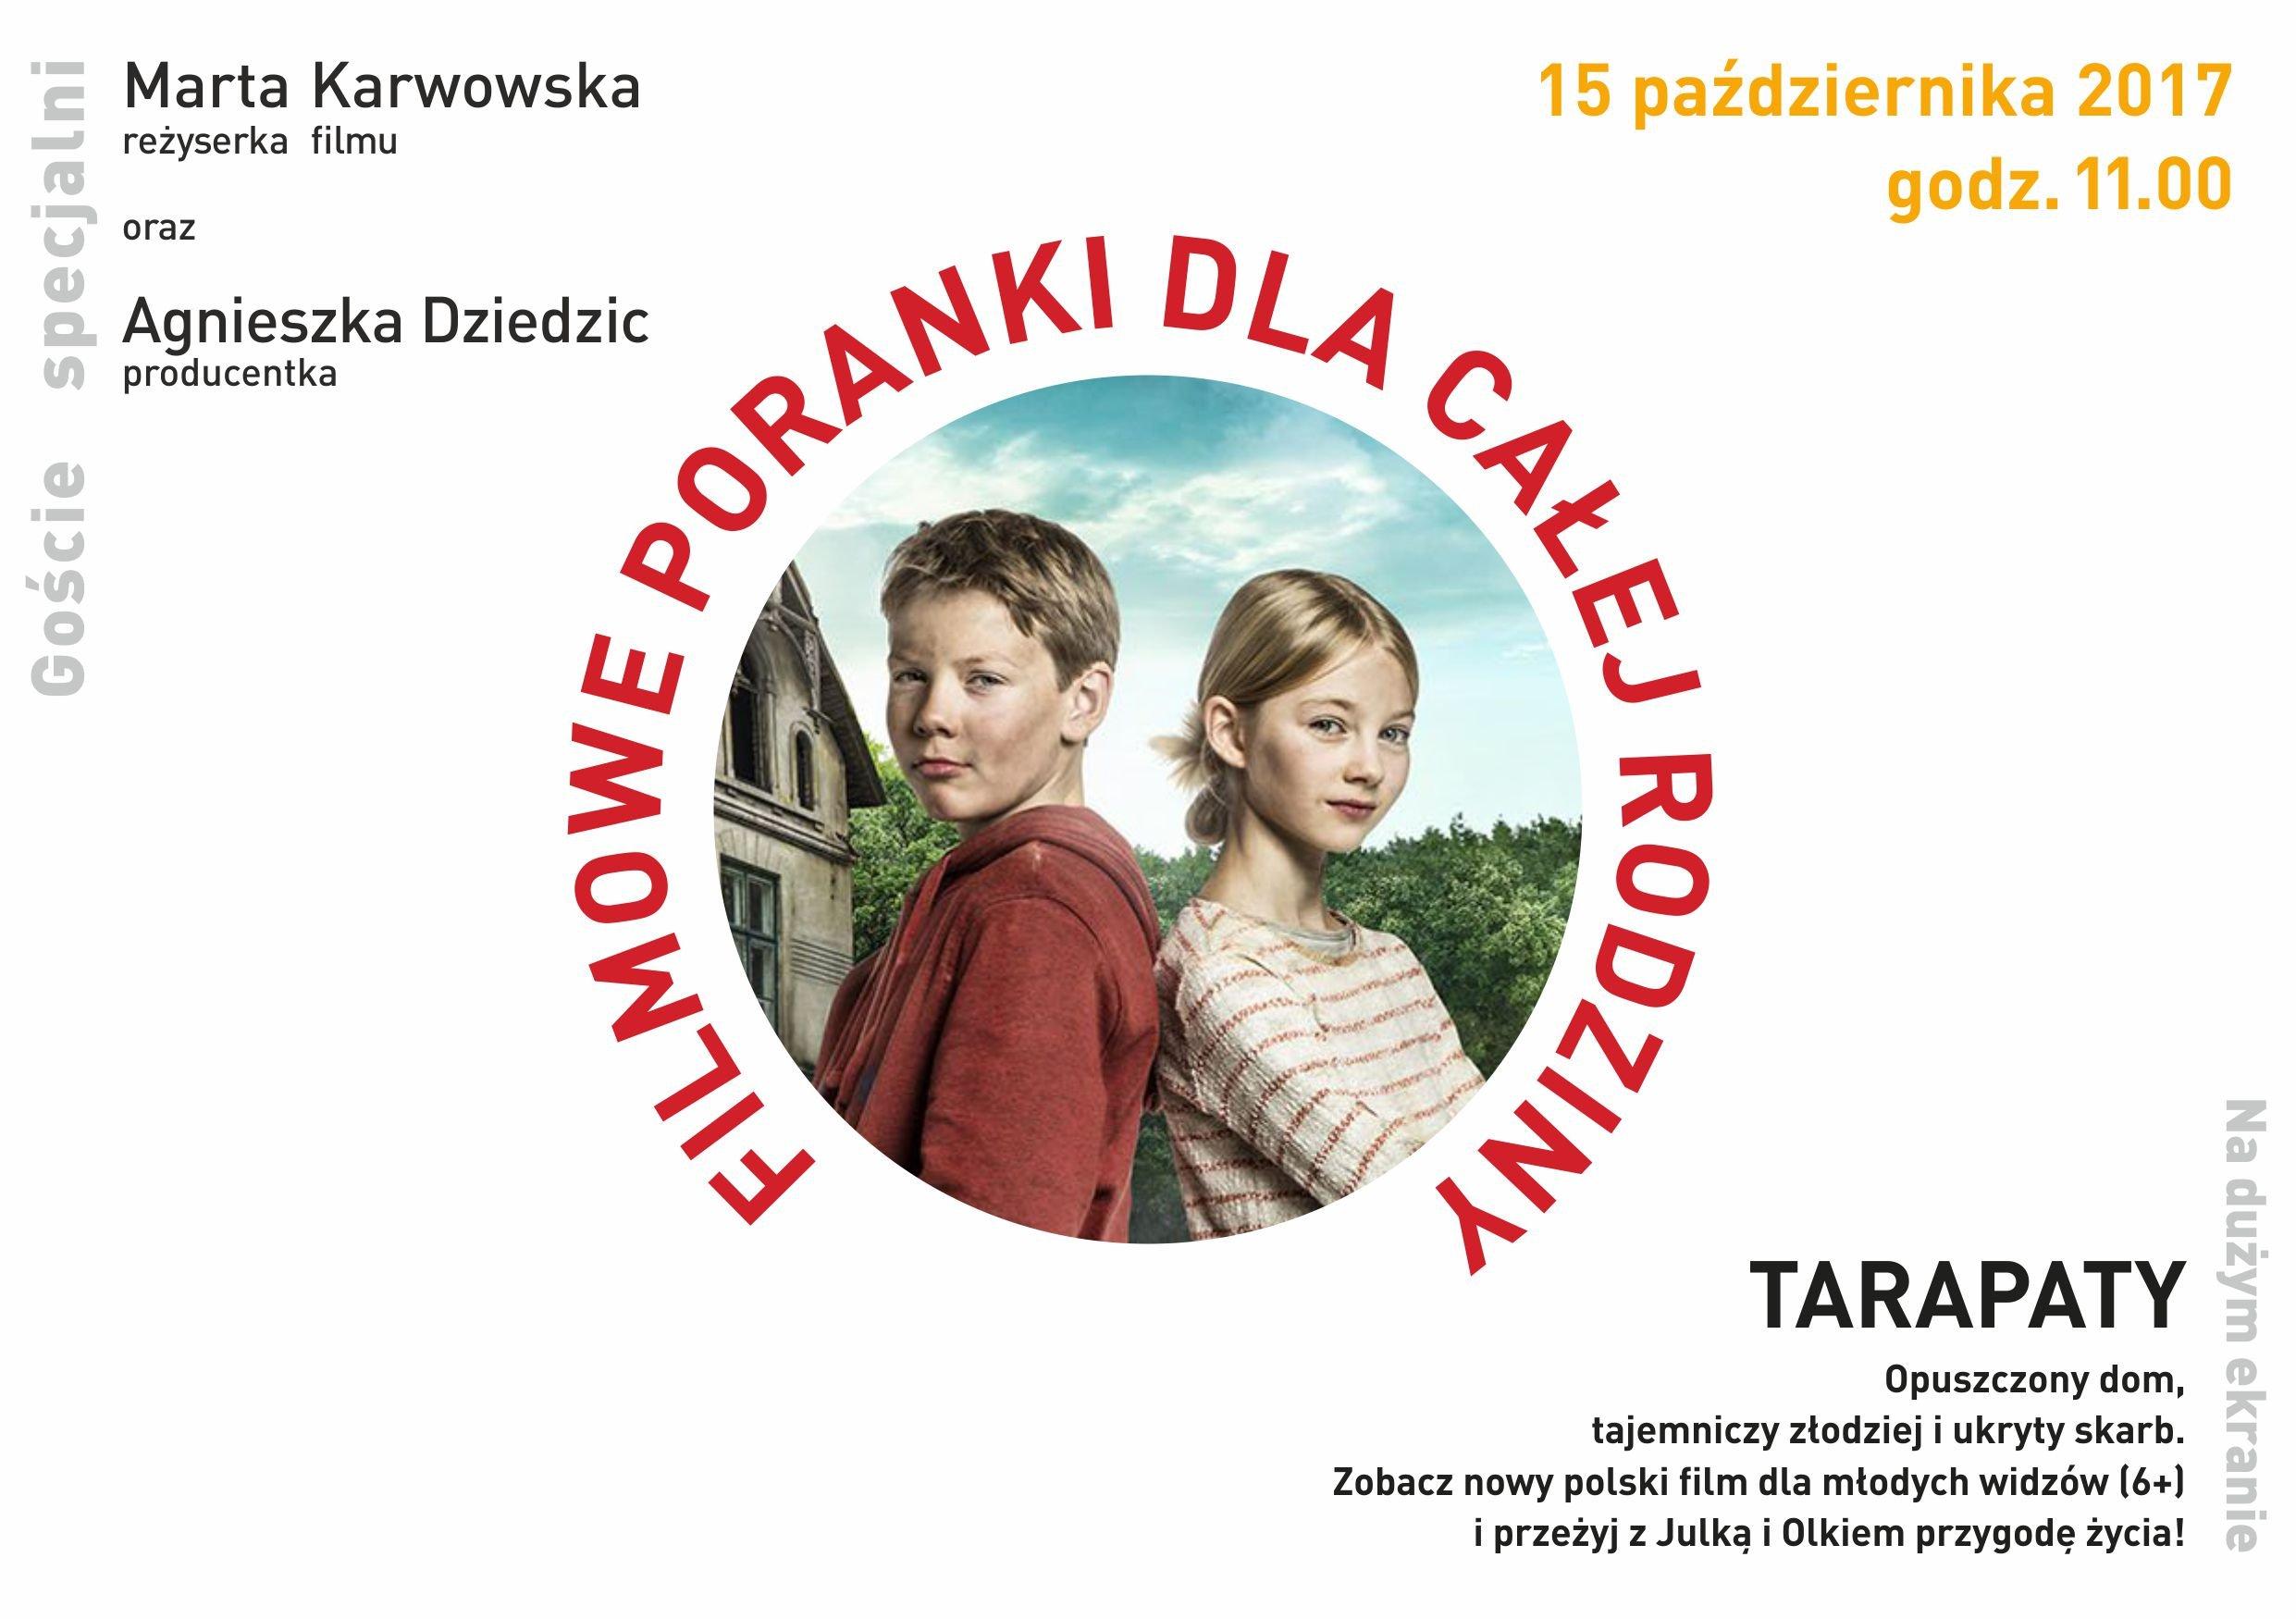 Tarapaty– pokaz specjalny z udziałem twórców. Gliwice